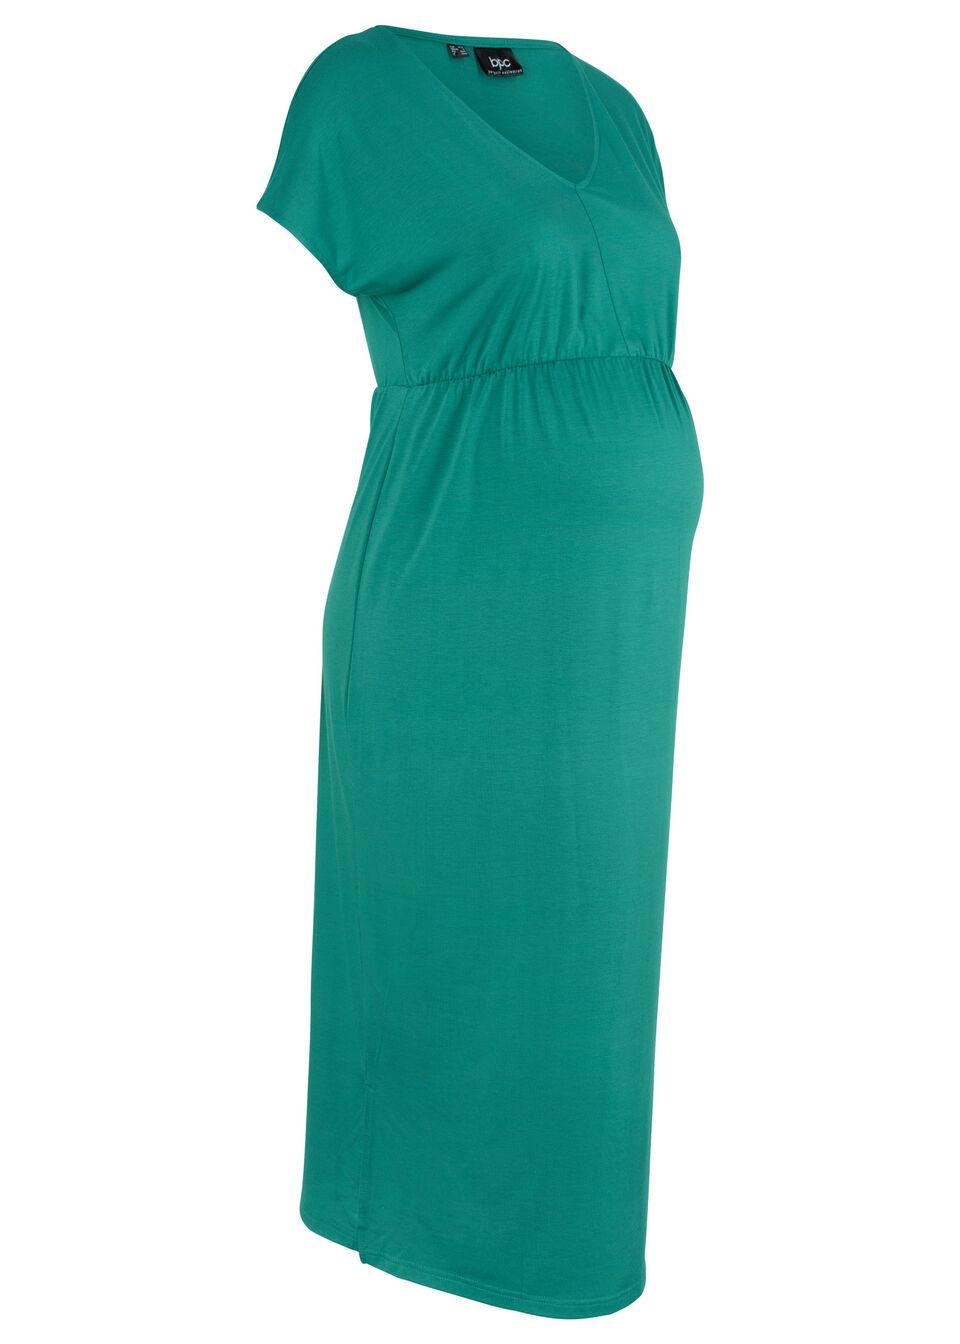 d3eba69e4efb Bonprix Materské úpletové šaty